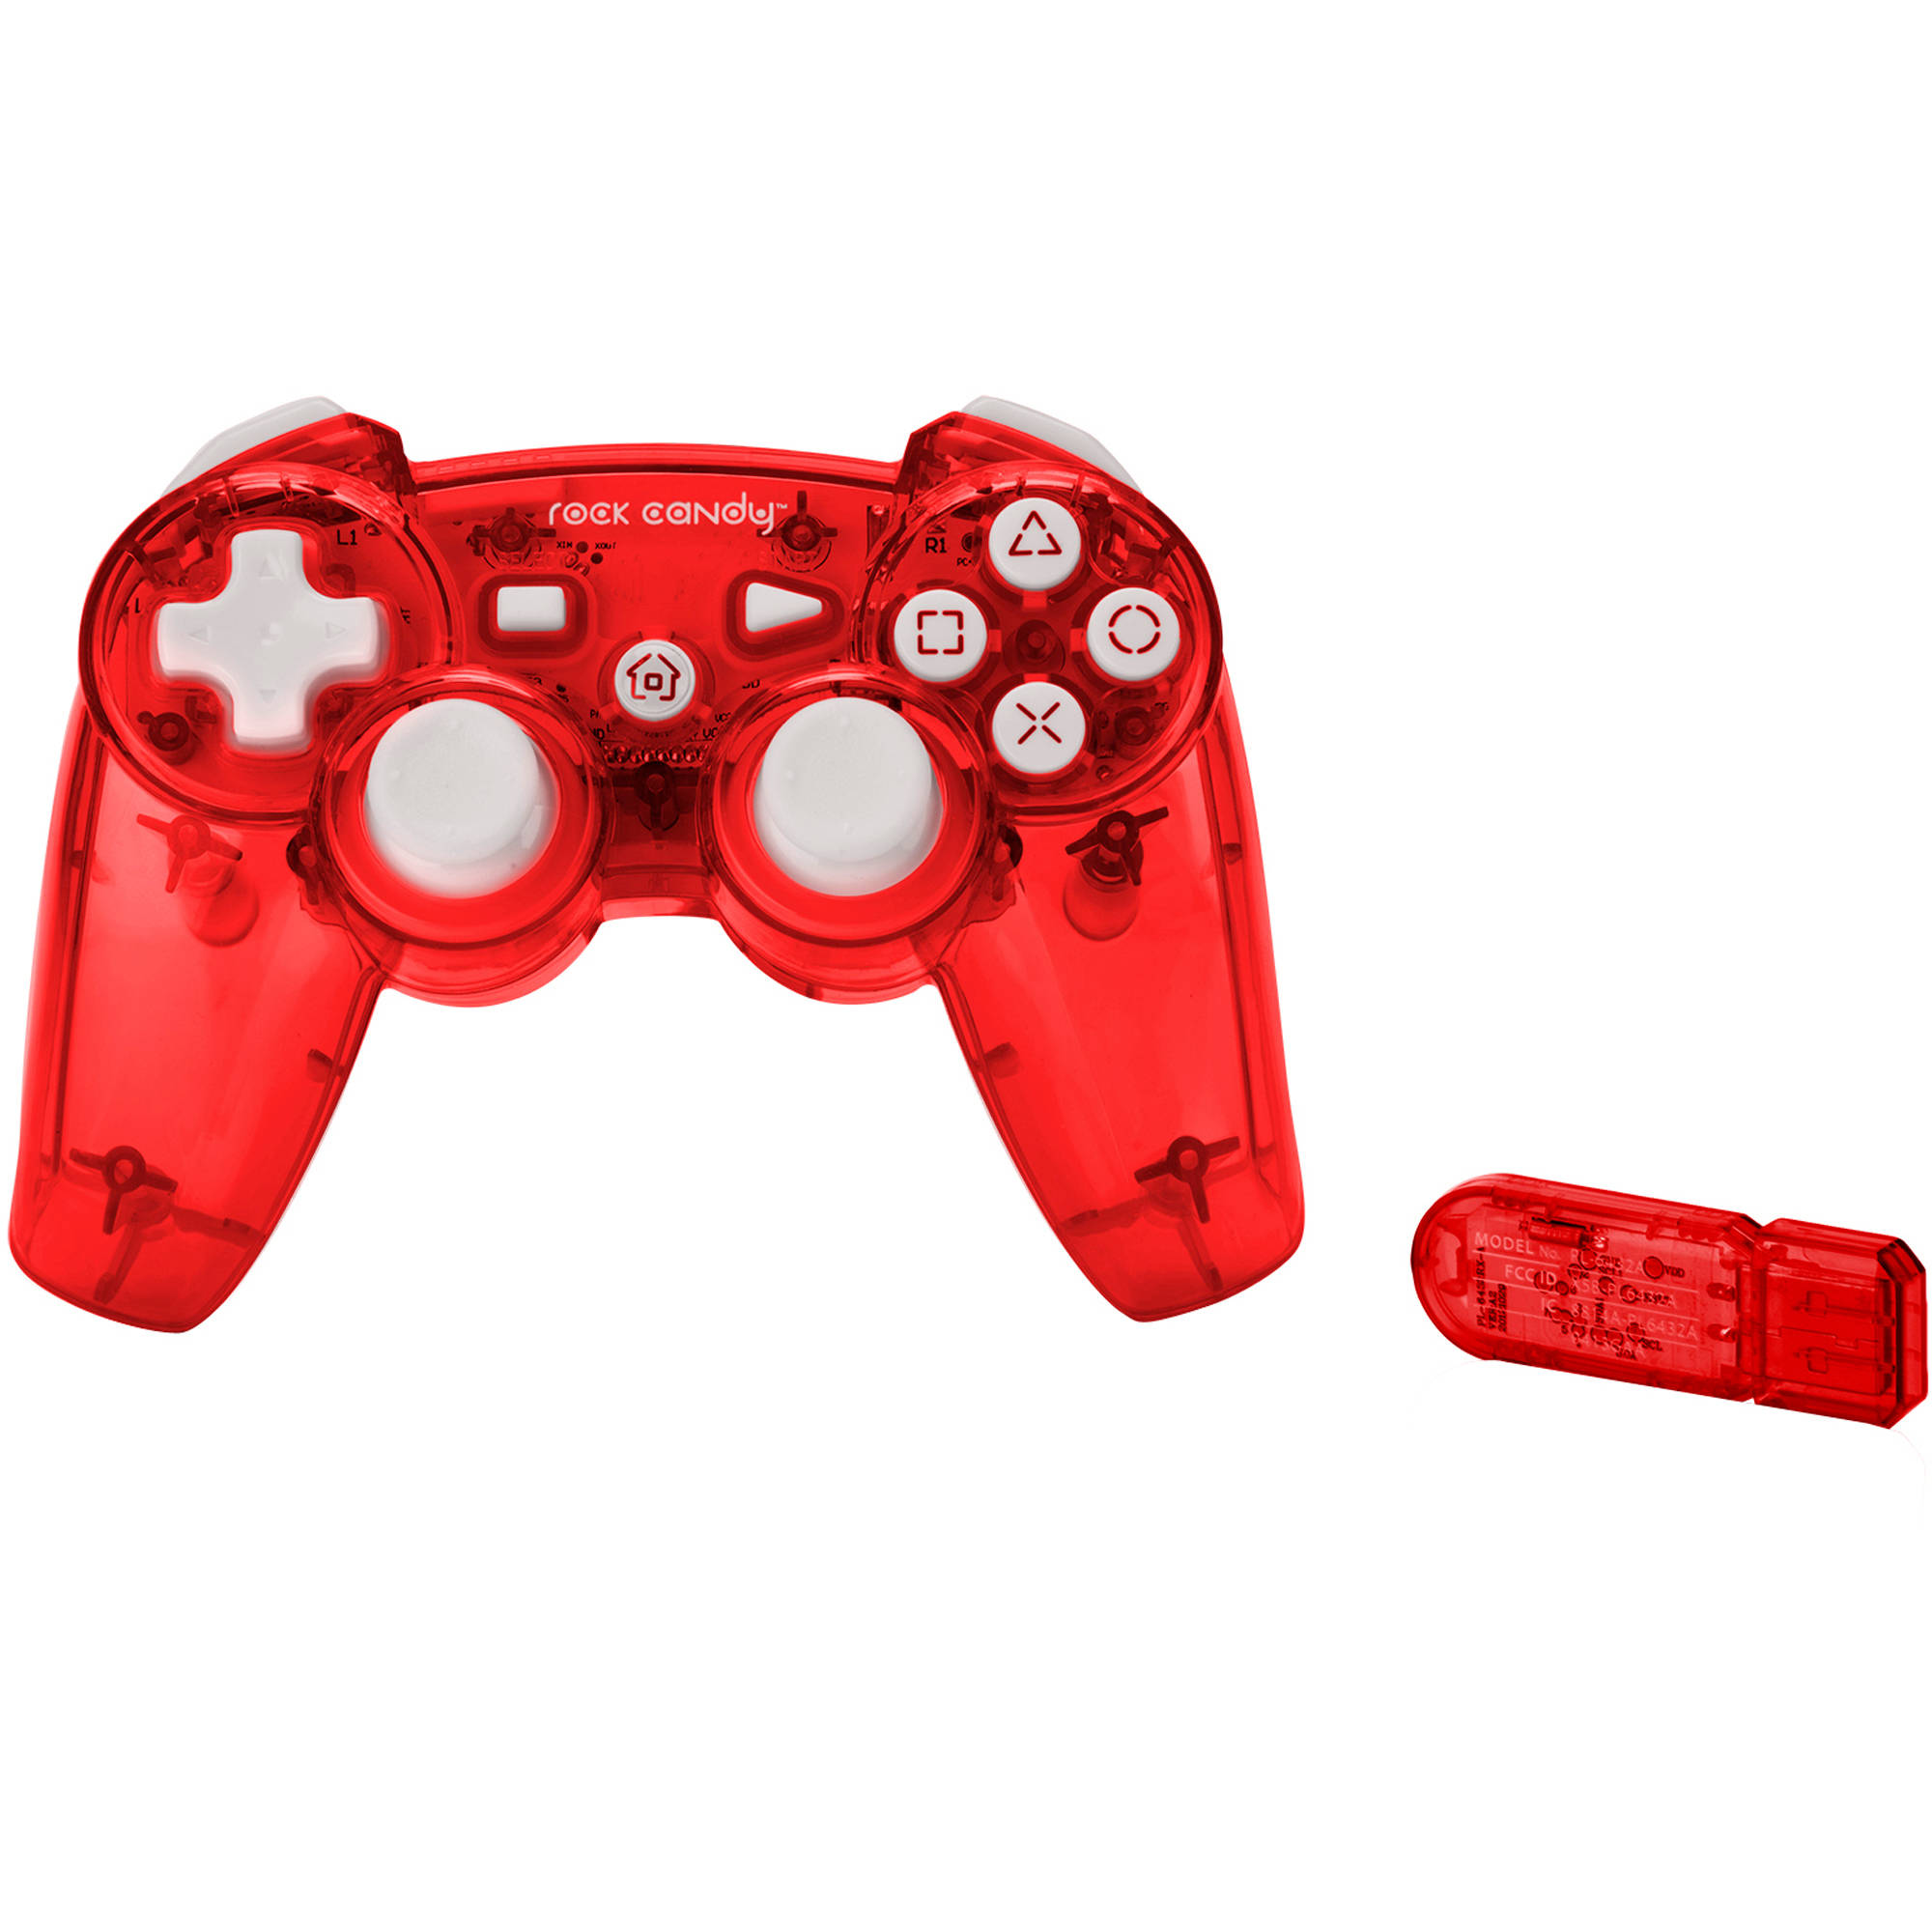 Video Juegos Regulador sin hilos de caramelo de la roca, Red (PS3) + PDP en Veo y Compro